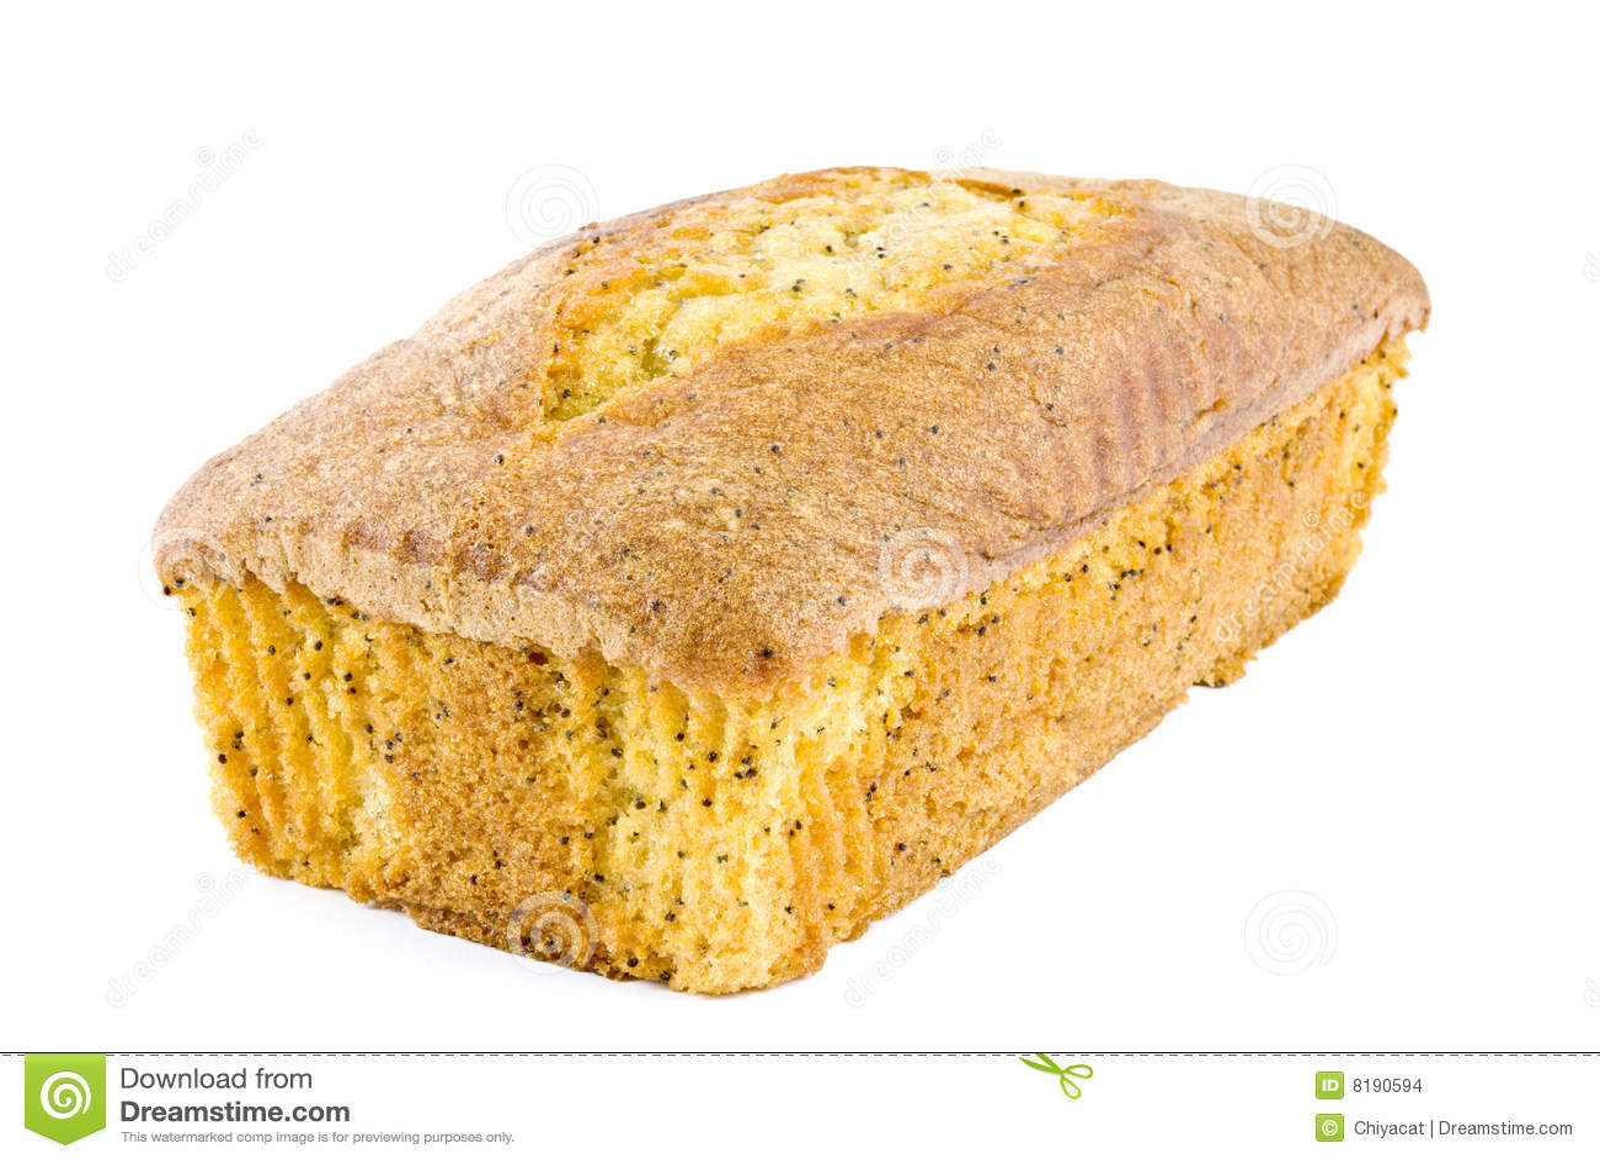 Lemon Poppy Seed Cake Stock Images - Image: 8190594